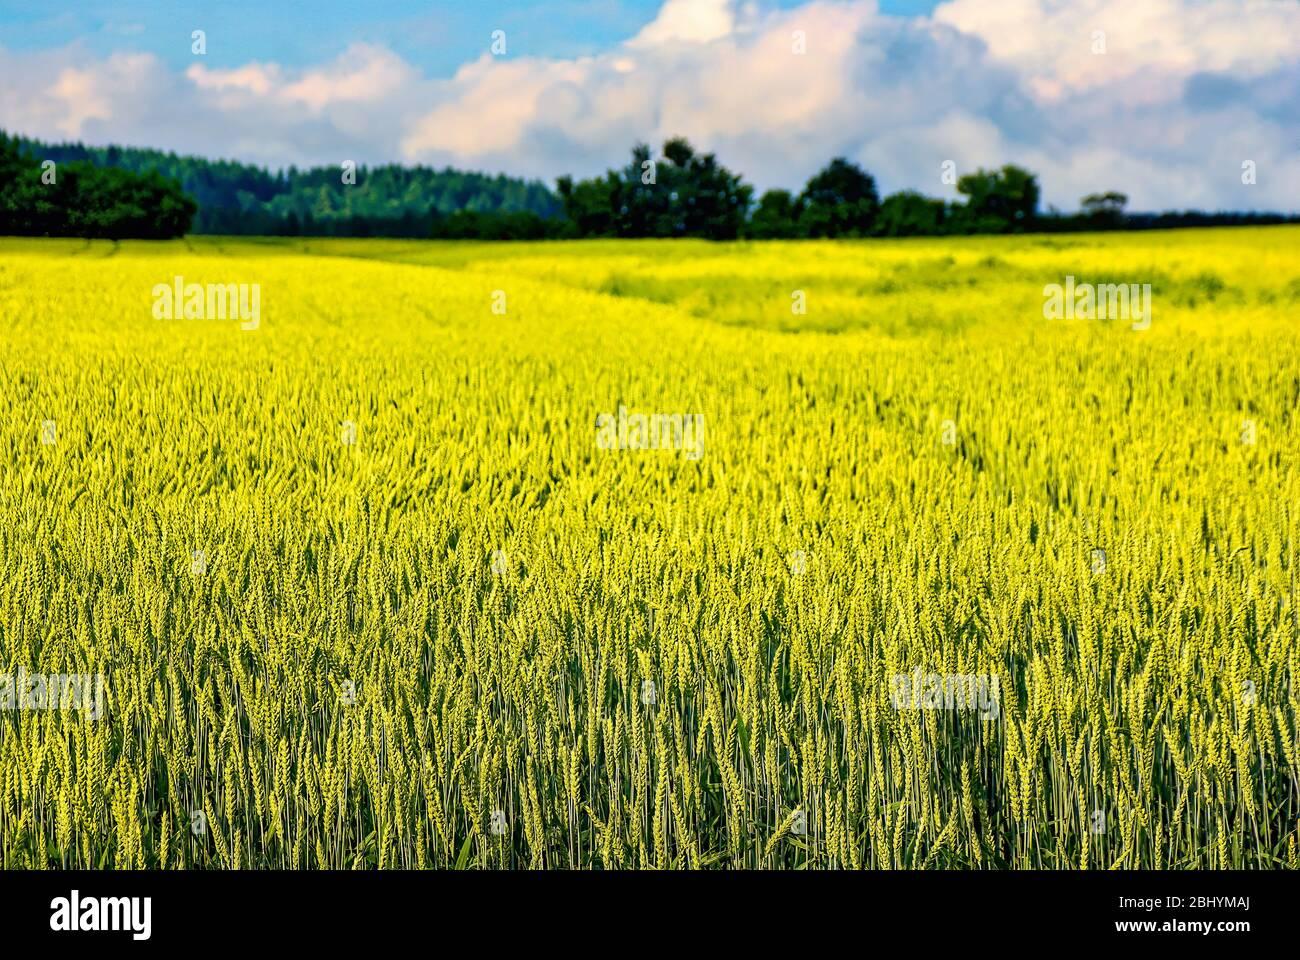 Ländliche Gegend mit reifenden Kornfeld. Stockfoto